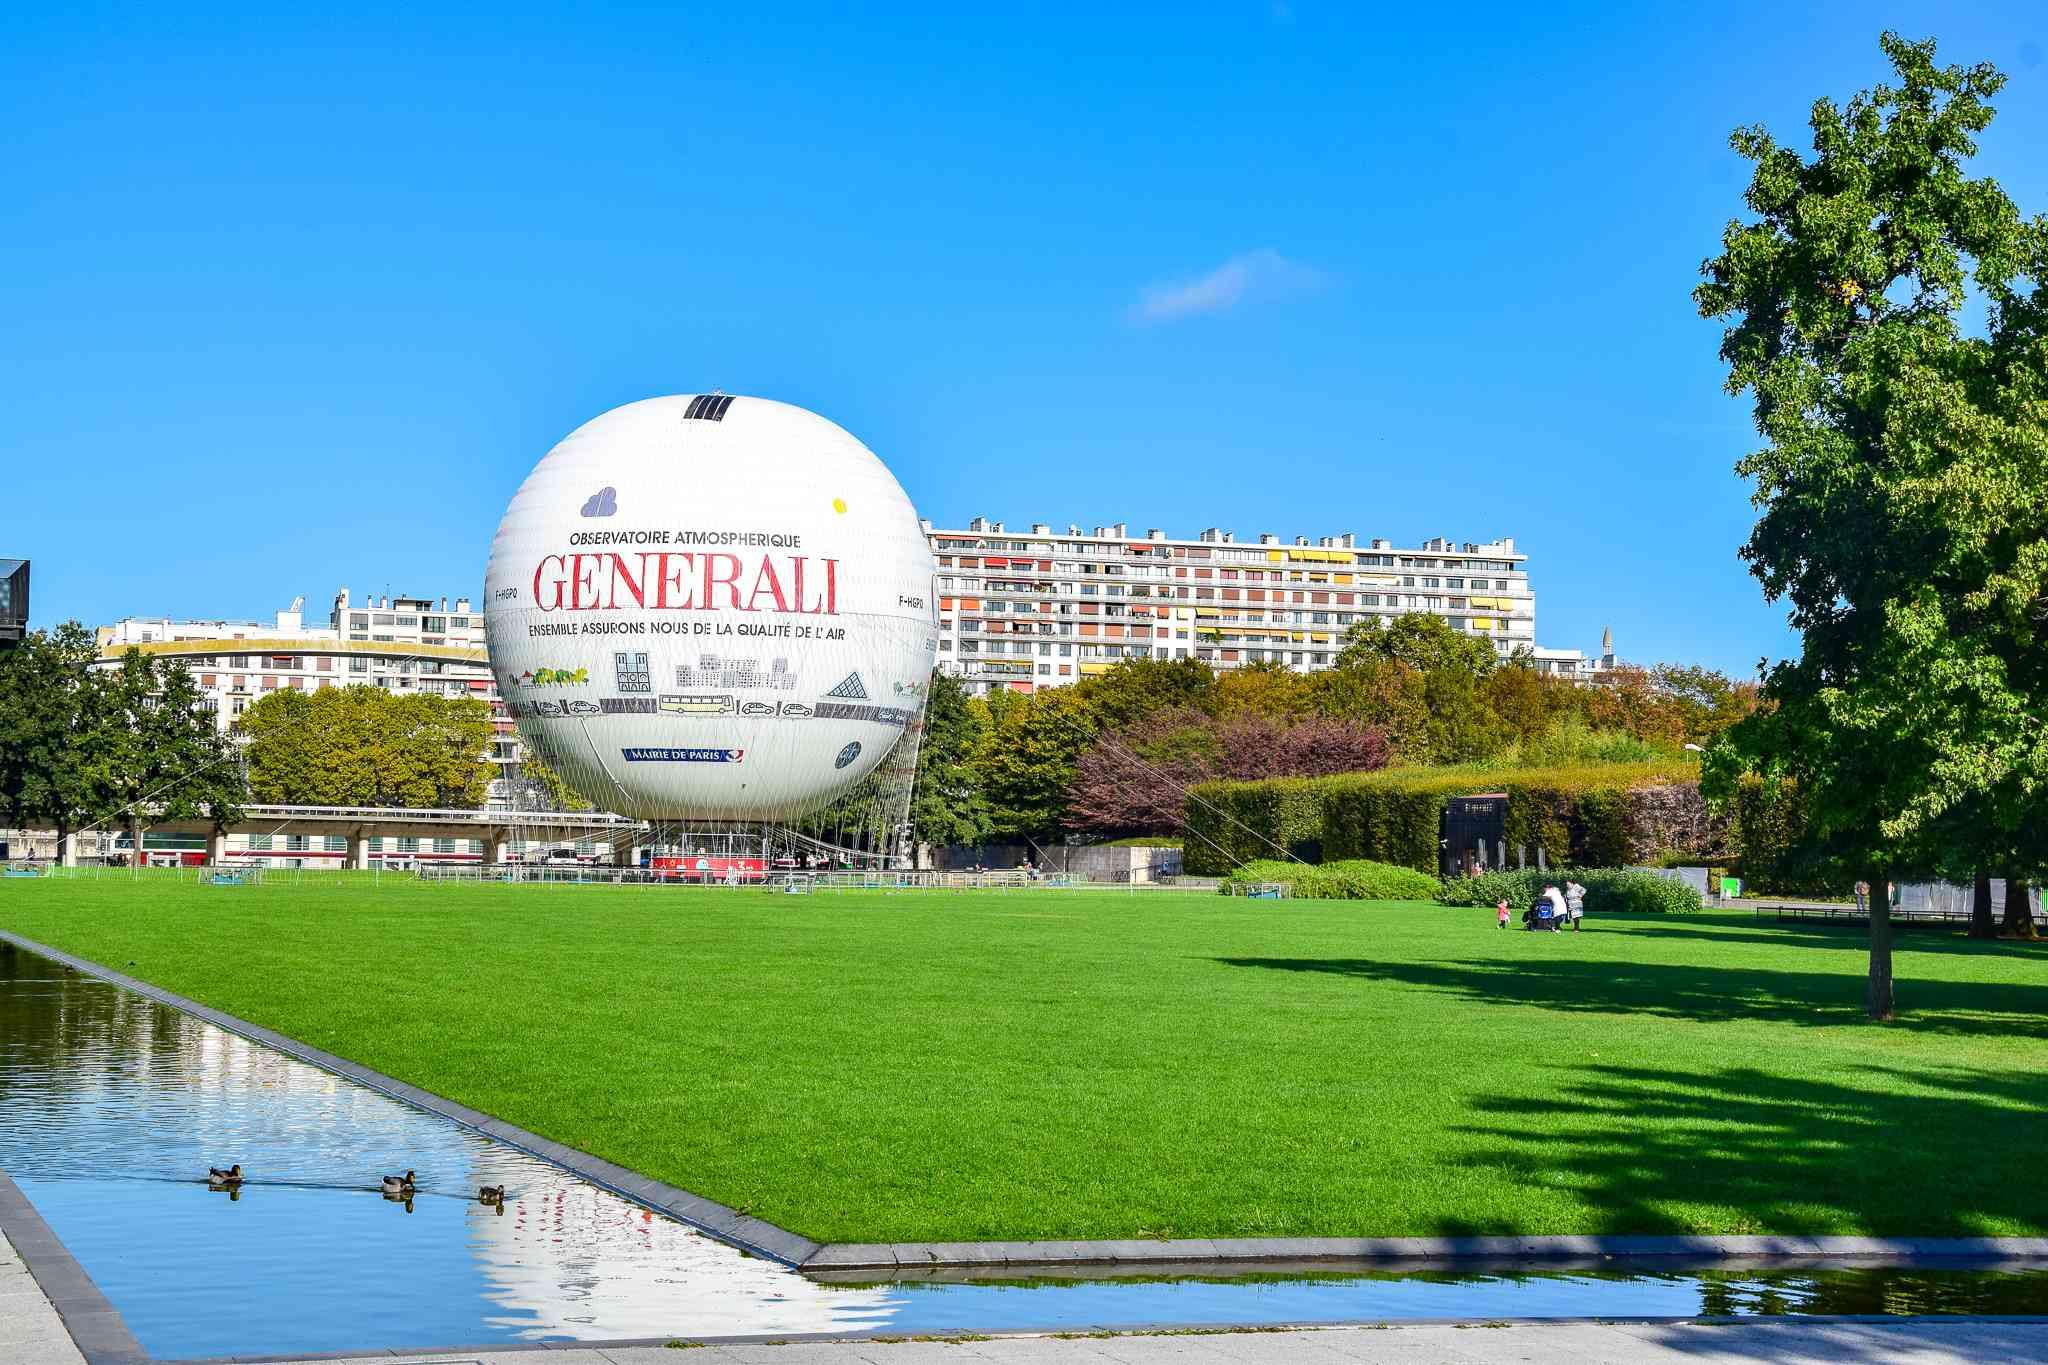 Parc André Citroën in Paris